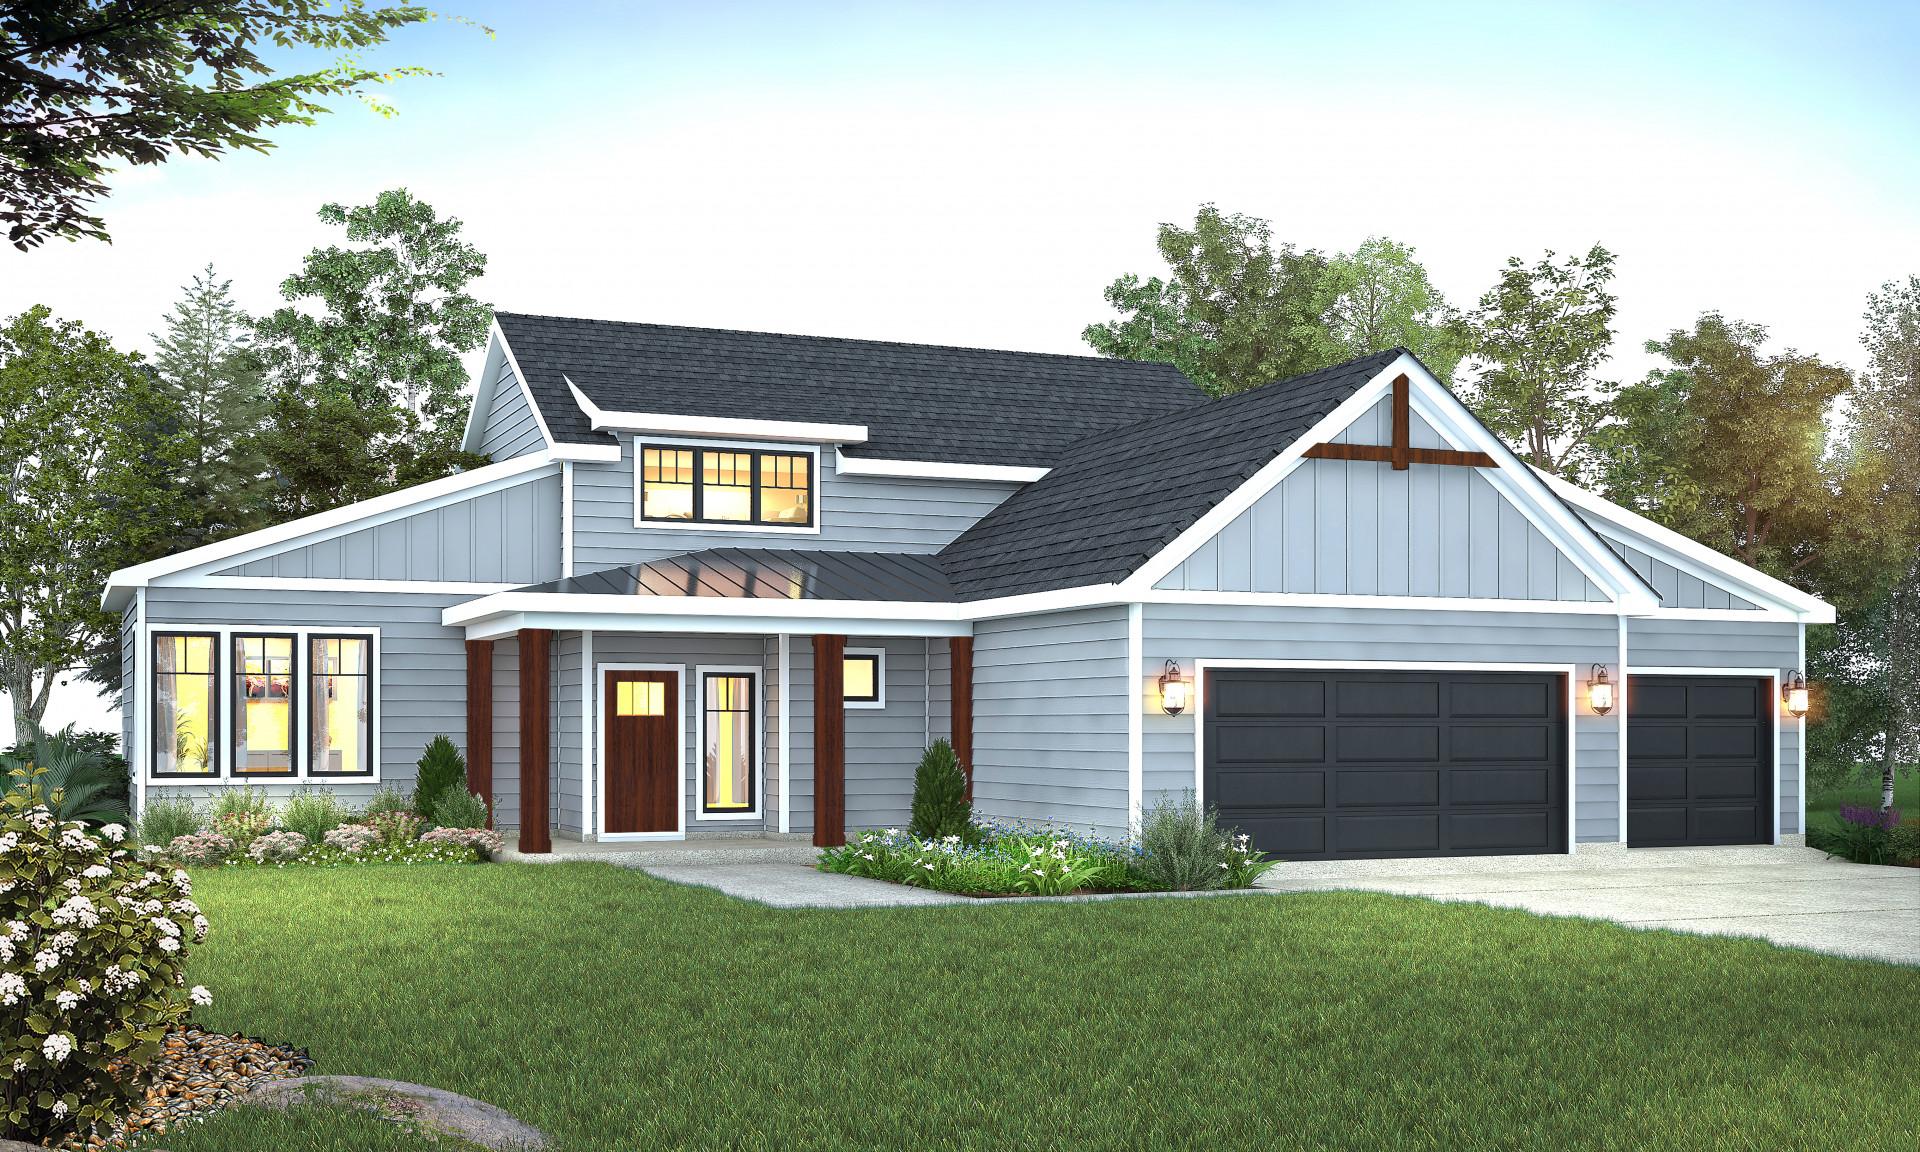 1402 N Dewey Street Hba Fort Wayne Homes For Sale Adams Allen